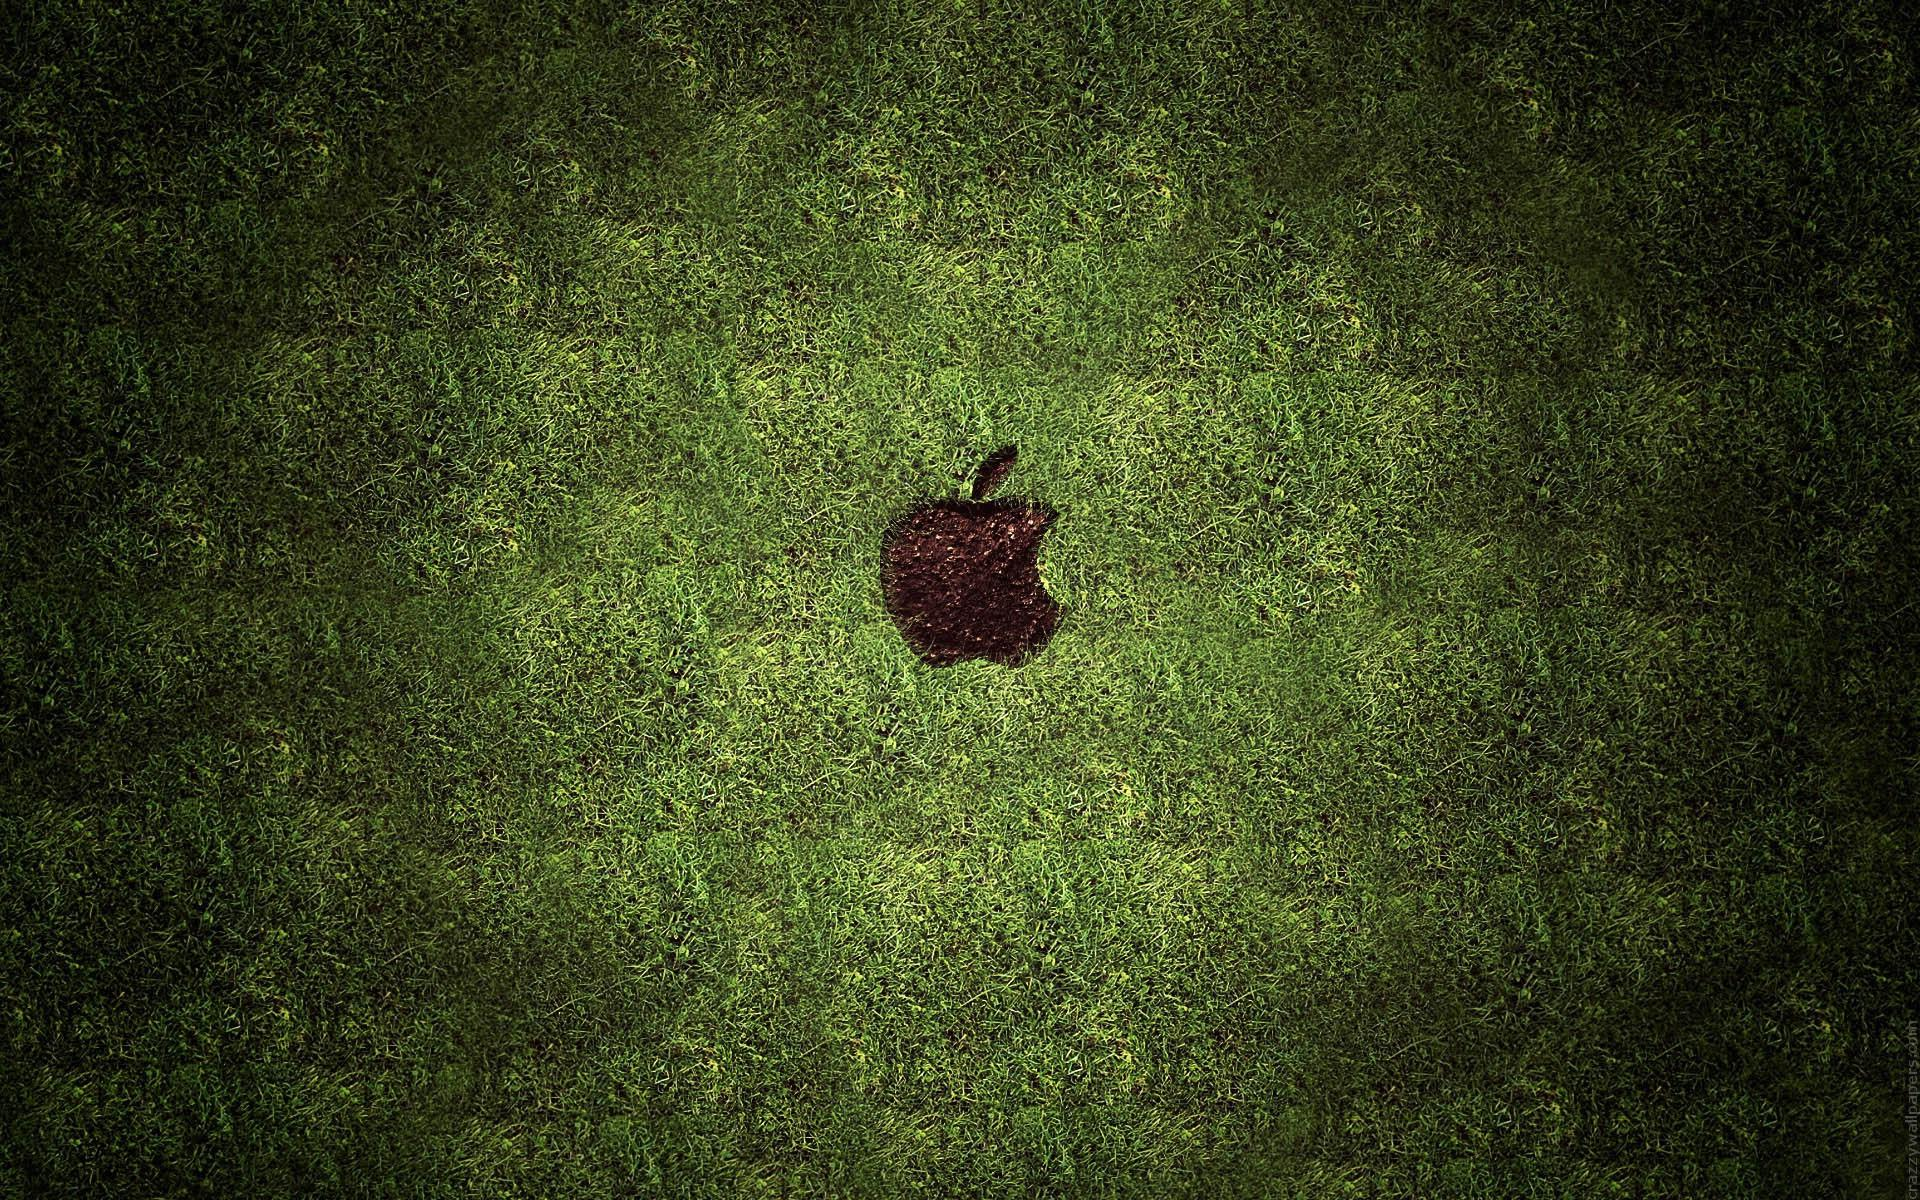 nouveautes_telechargement-gratuit-de-fond-ecran-apple_01